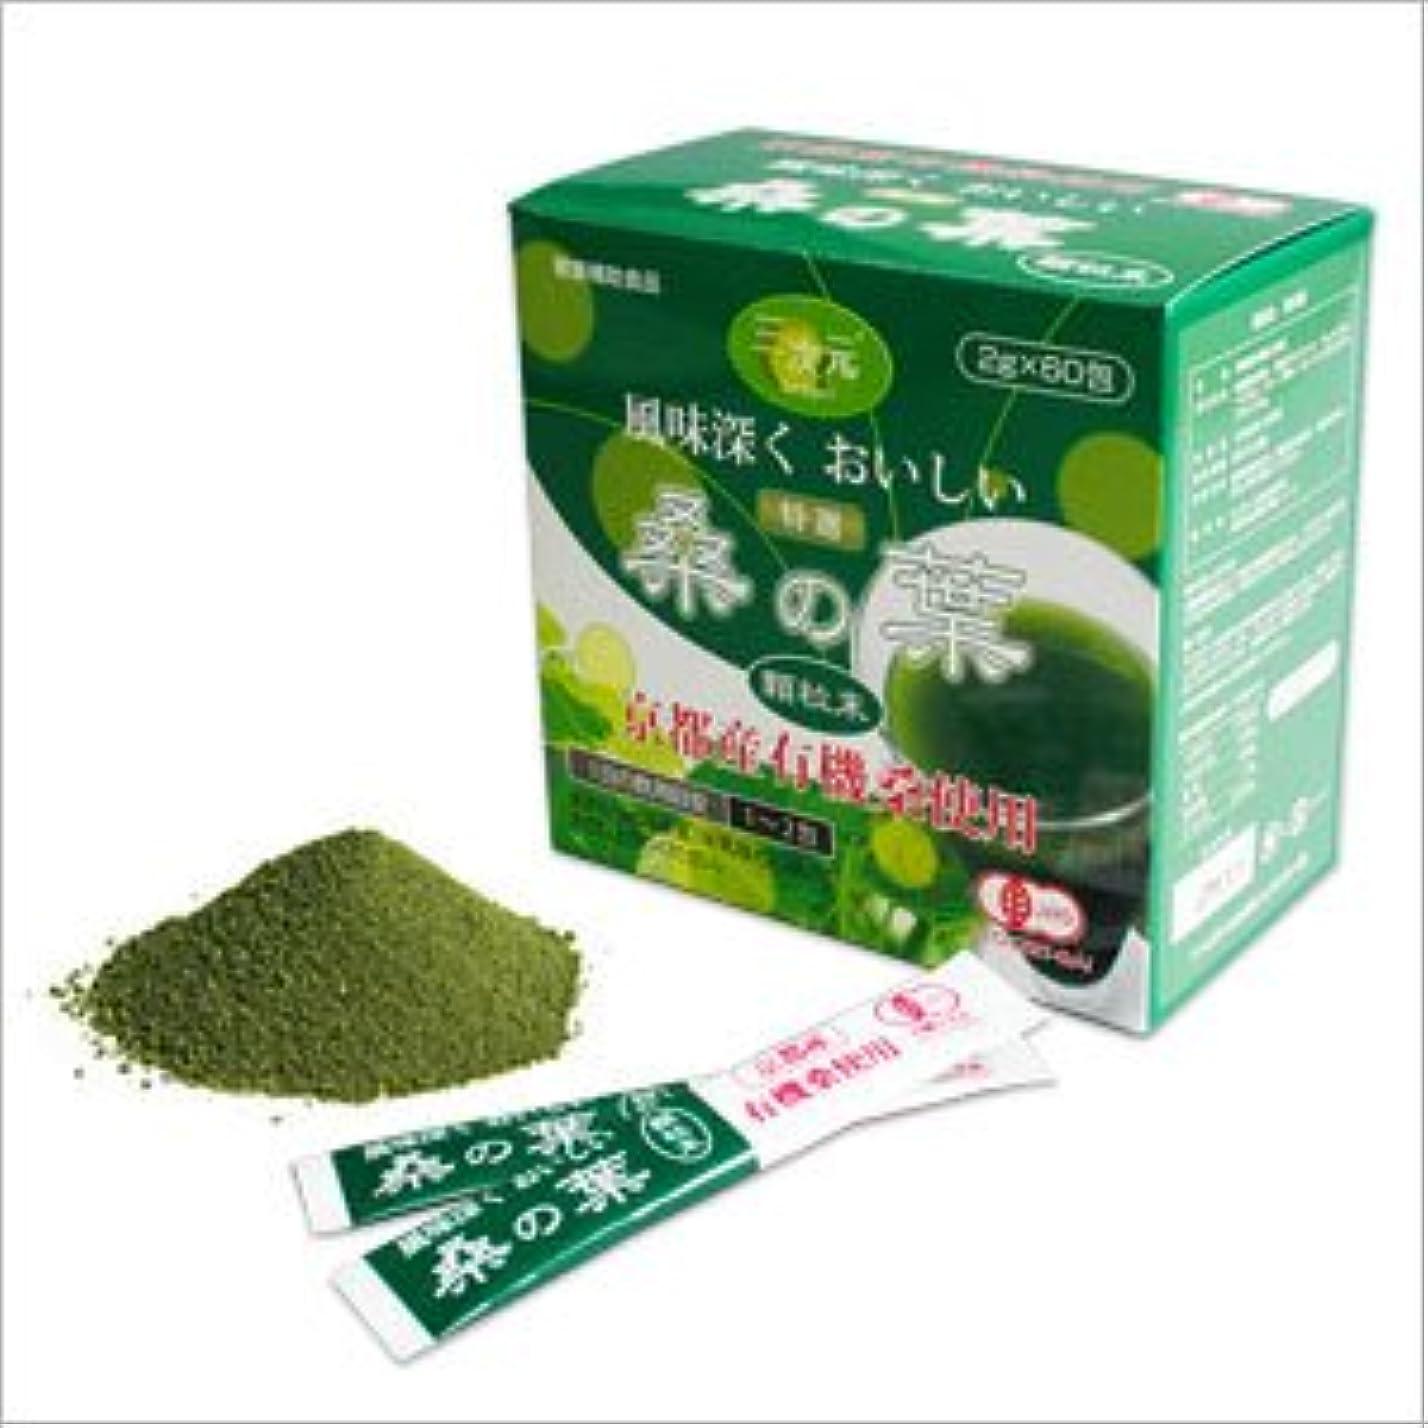 容器新しい意味絵桑の葉 3箱セット 健康食品